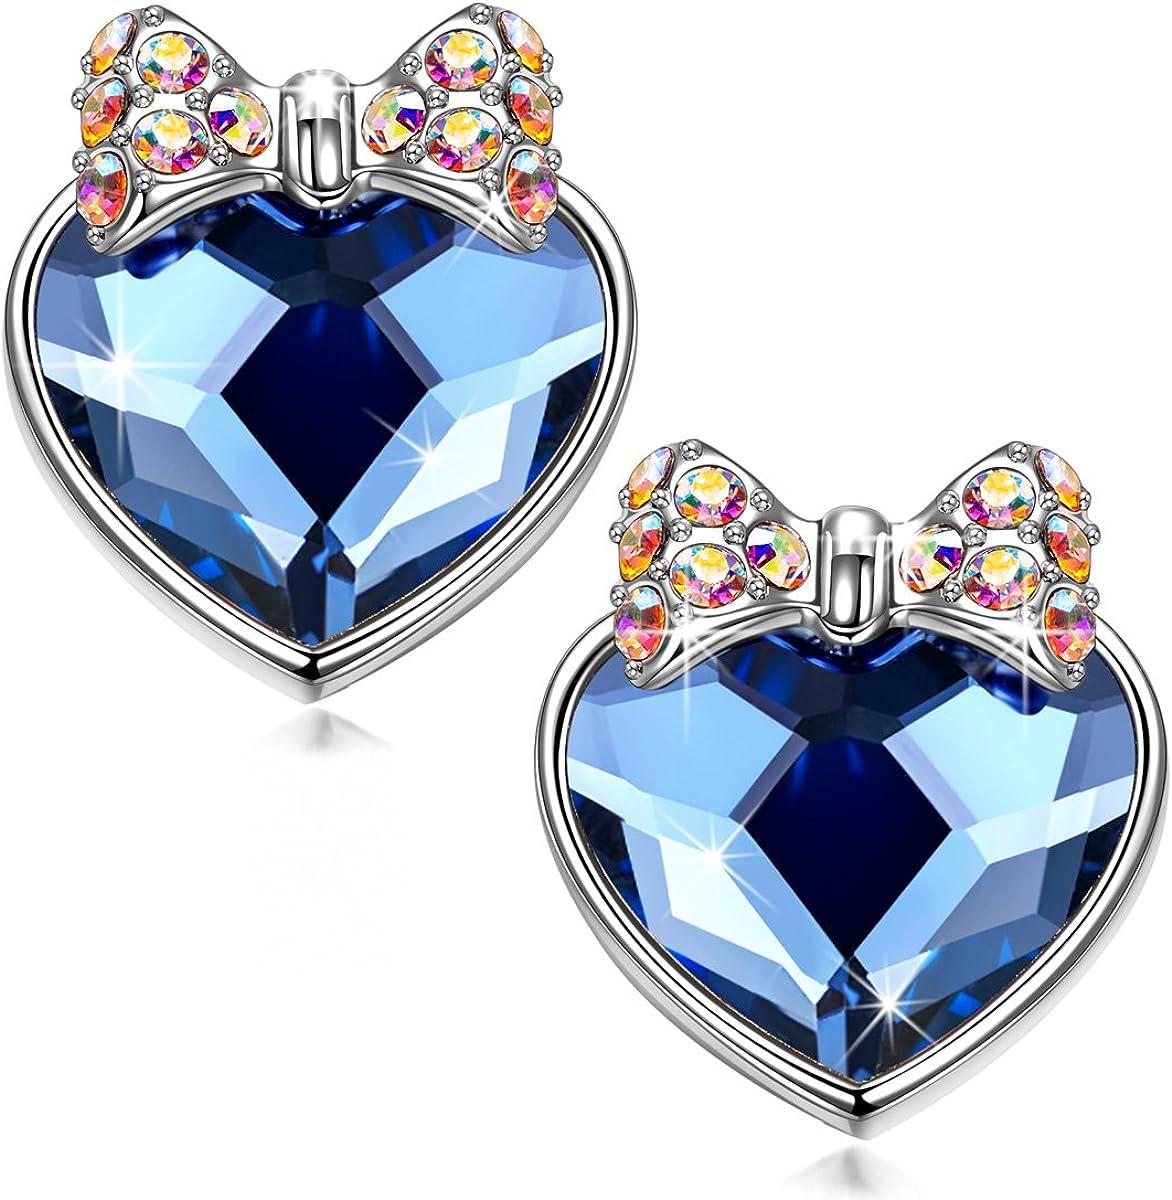 Kami Idea Pendientes Perforados, Secreto del Amor, Lazo Brillante, Cristal Corazón Azul De Swarovski, Embalaje de Regalo, Regalos para Mamá